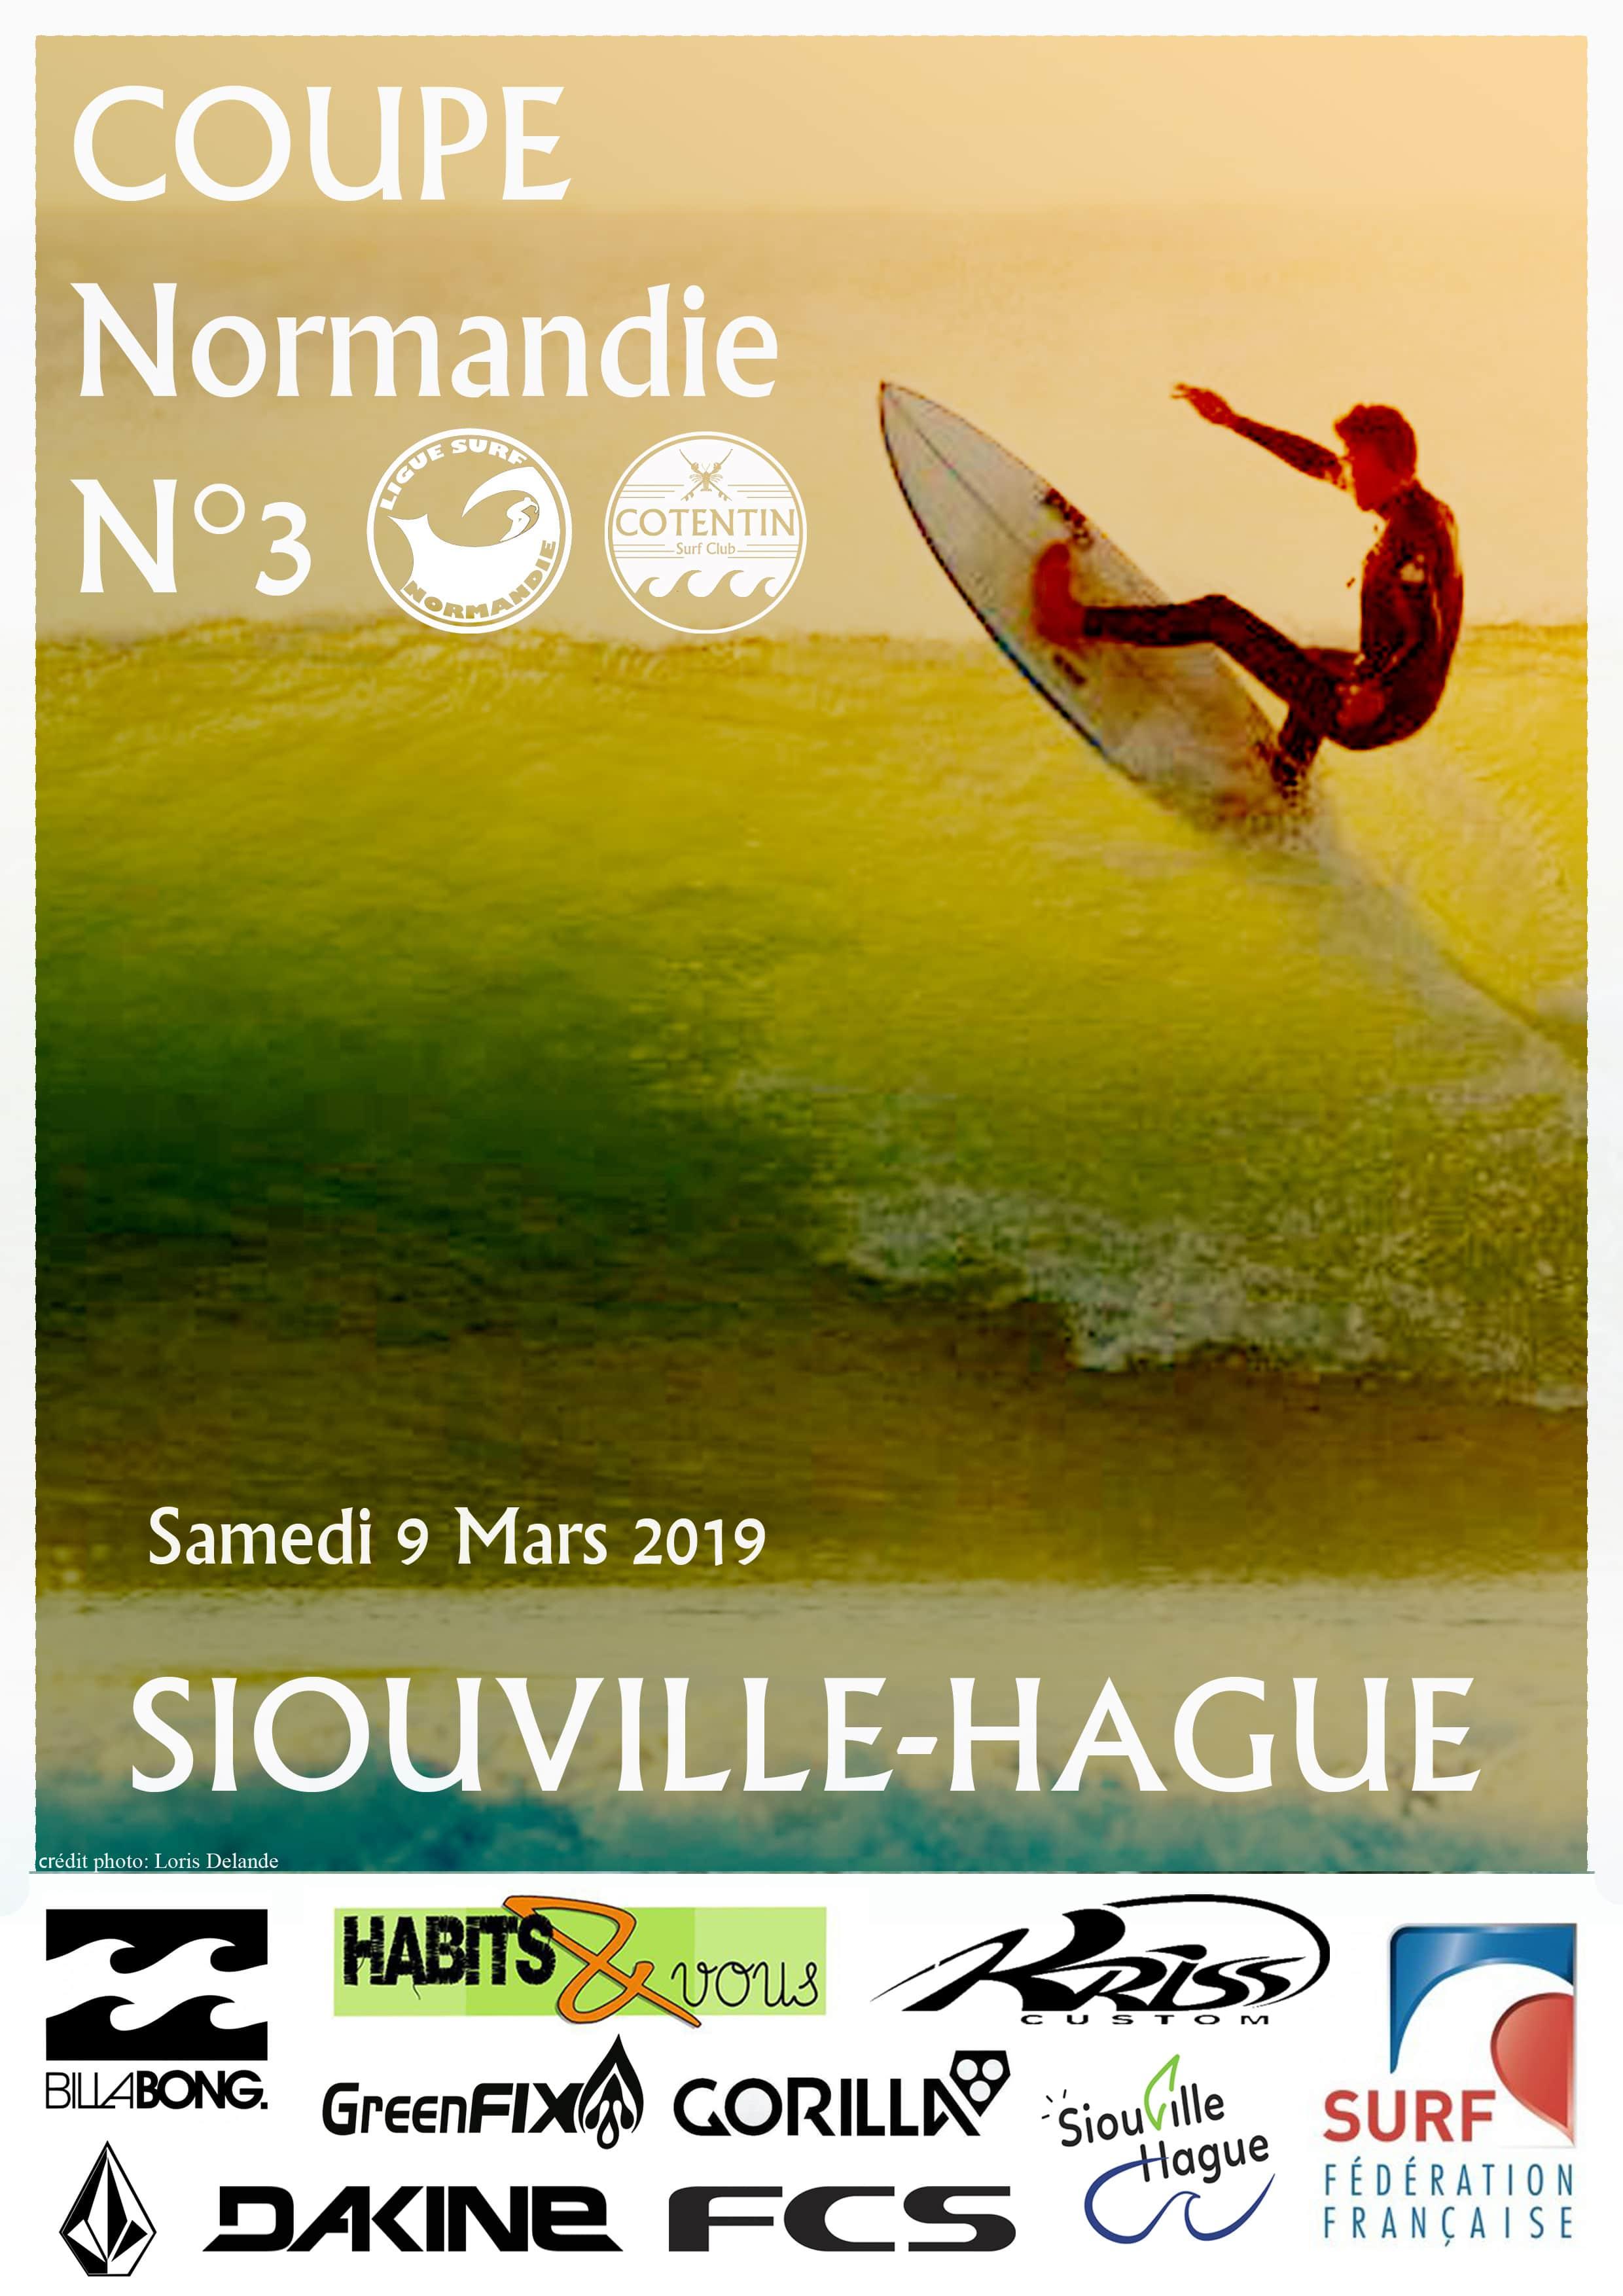 Prochain rendez vous surfistique !! samedi 9 Mars reprise des compétitions